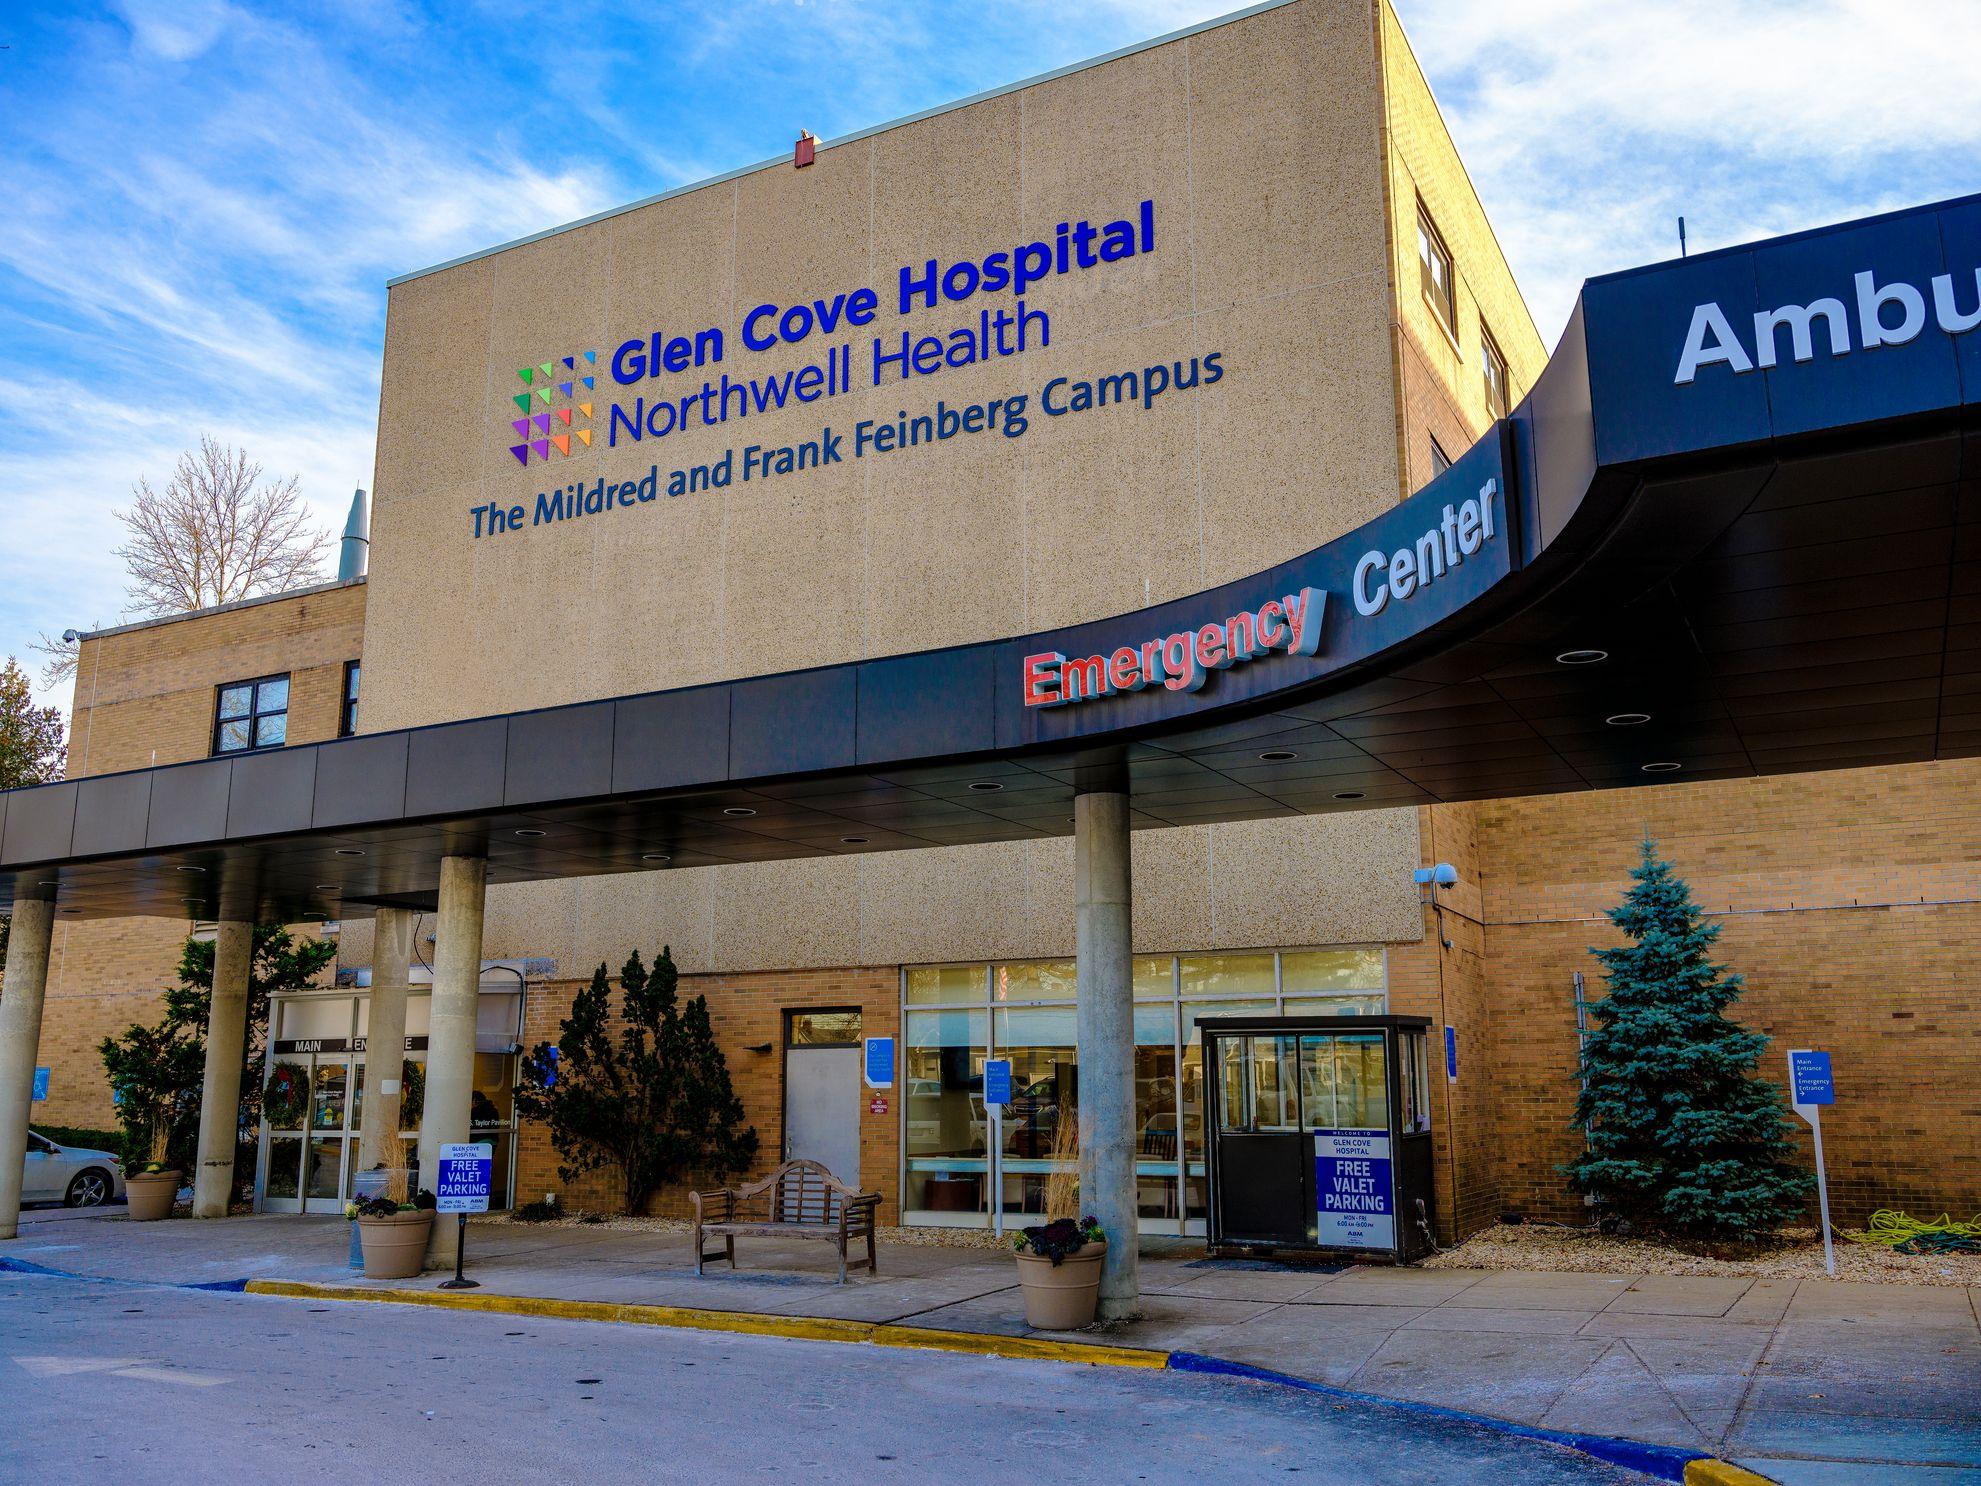 The outside of Glen Cove Hospital's Emergency Center